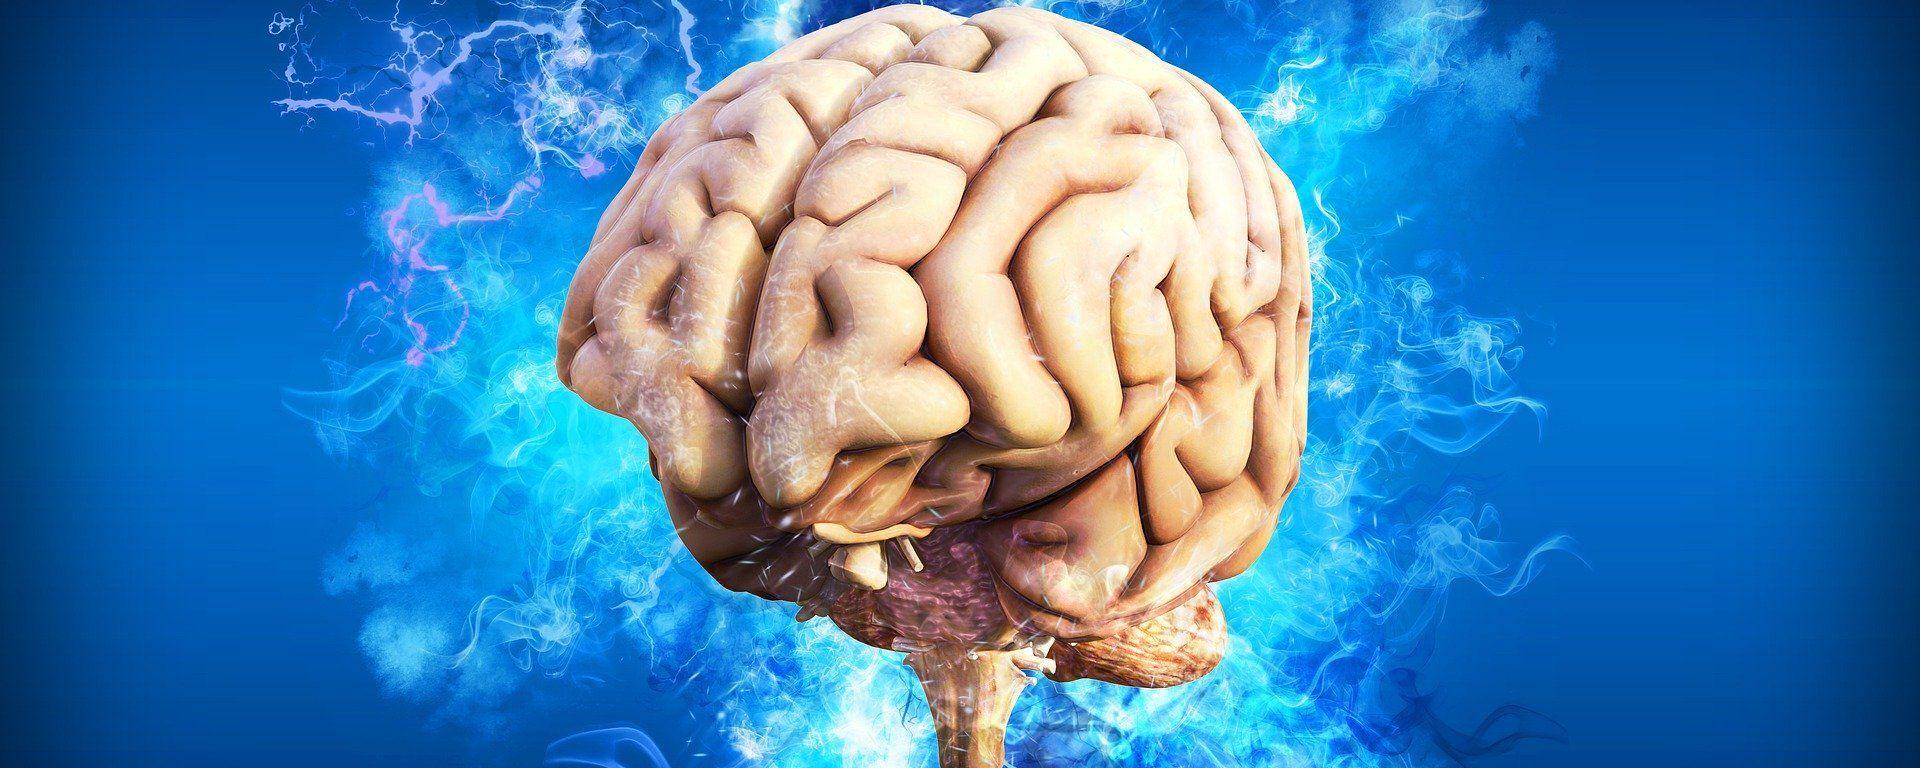 El cerebro humano, referencial - Sputnik Mundo, 1920, 25.03.2021